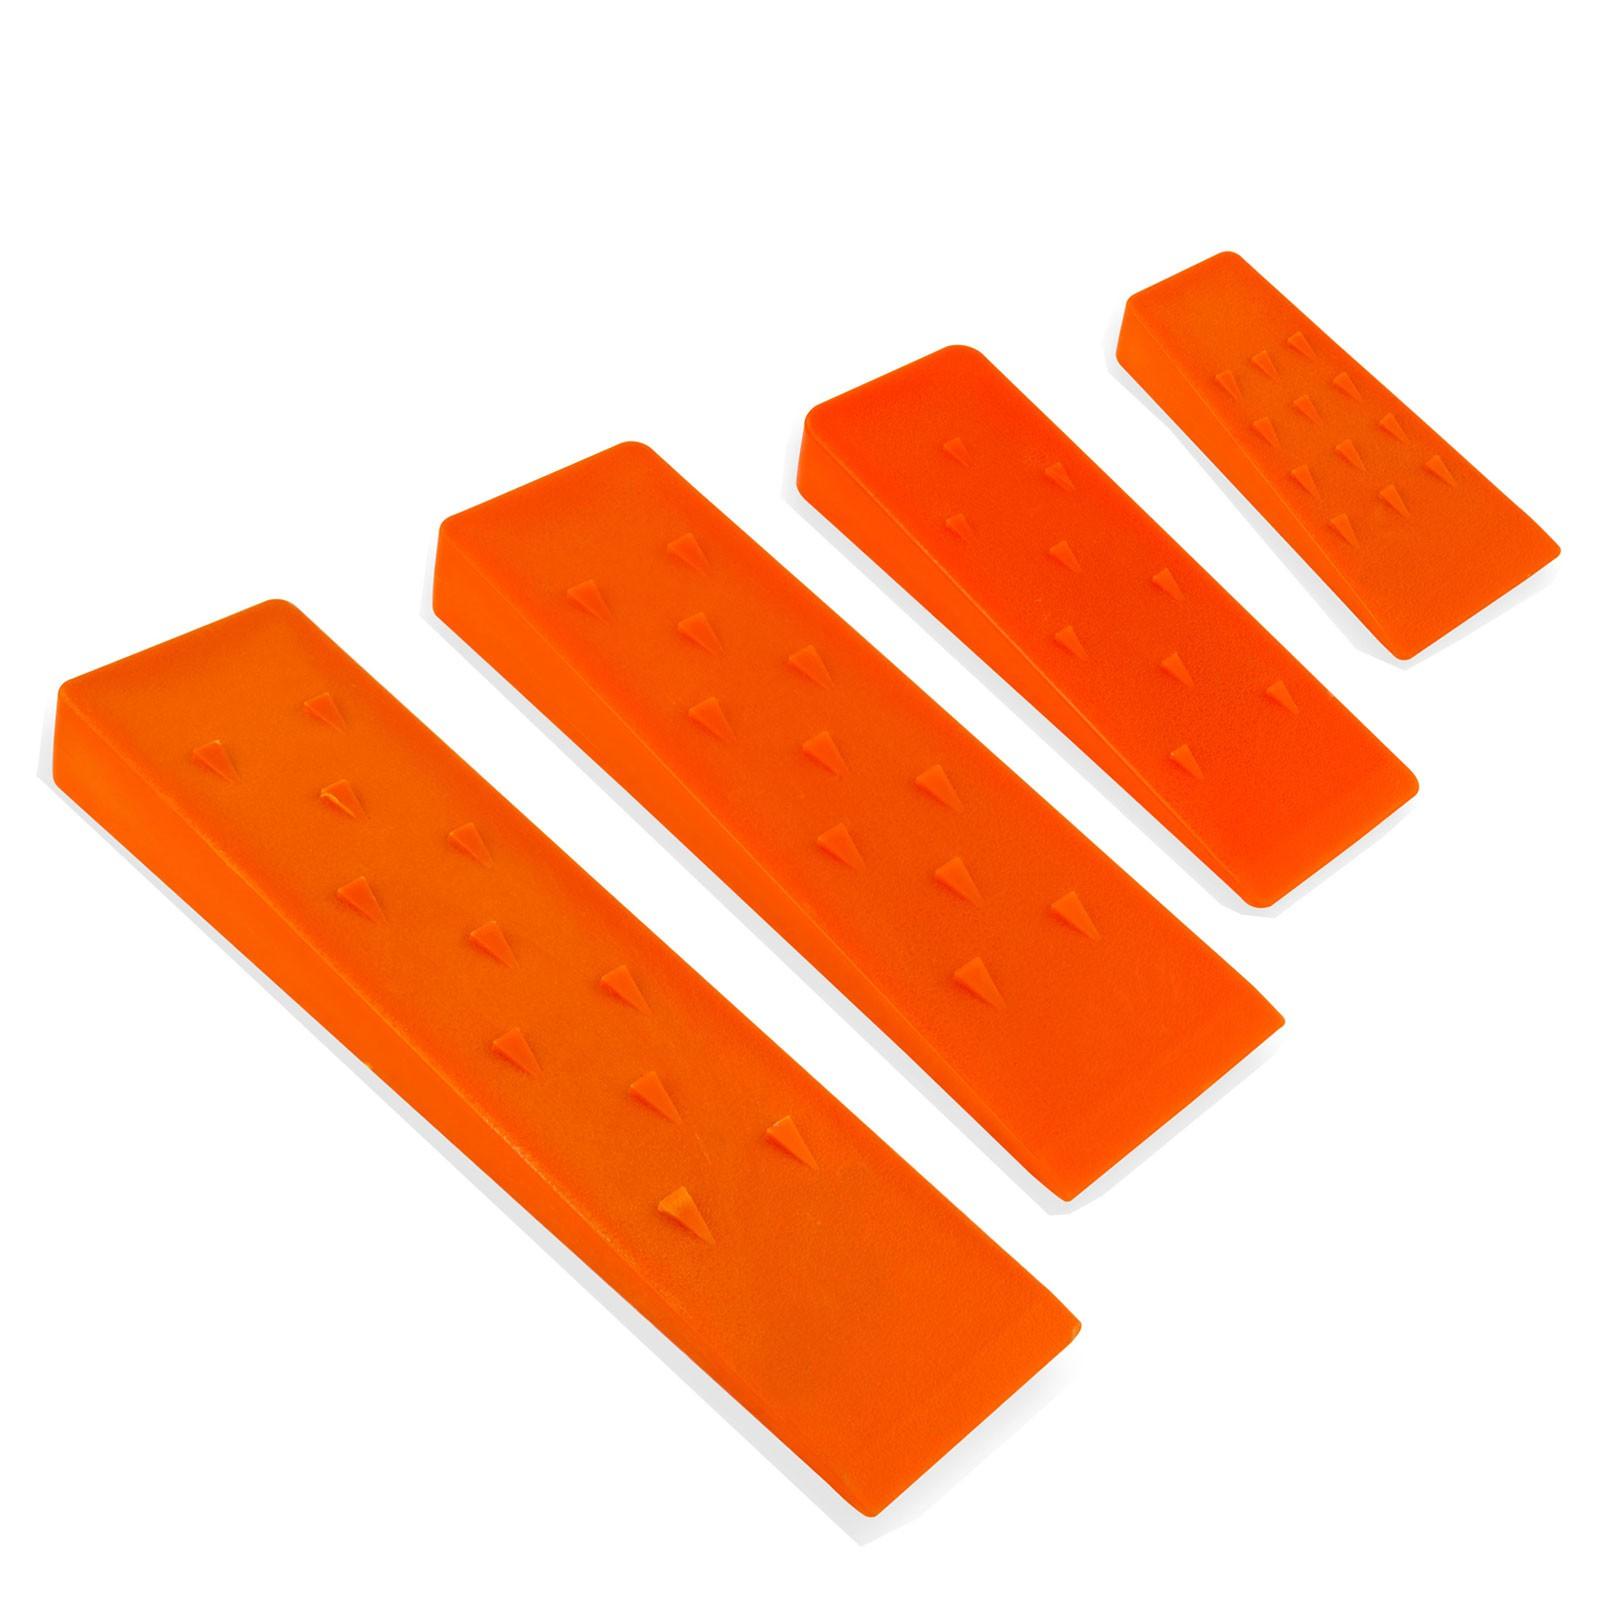 Dema Spaltkeile / Fällkeile Kunststoff 4er-Set schlagzäh orange spaltkeil-kunststoff-set-4er